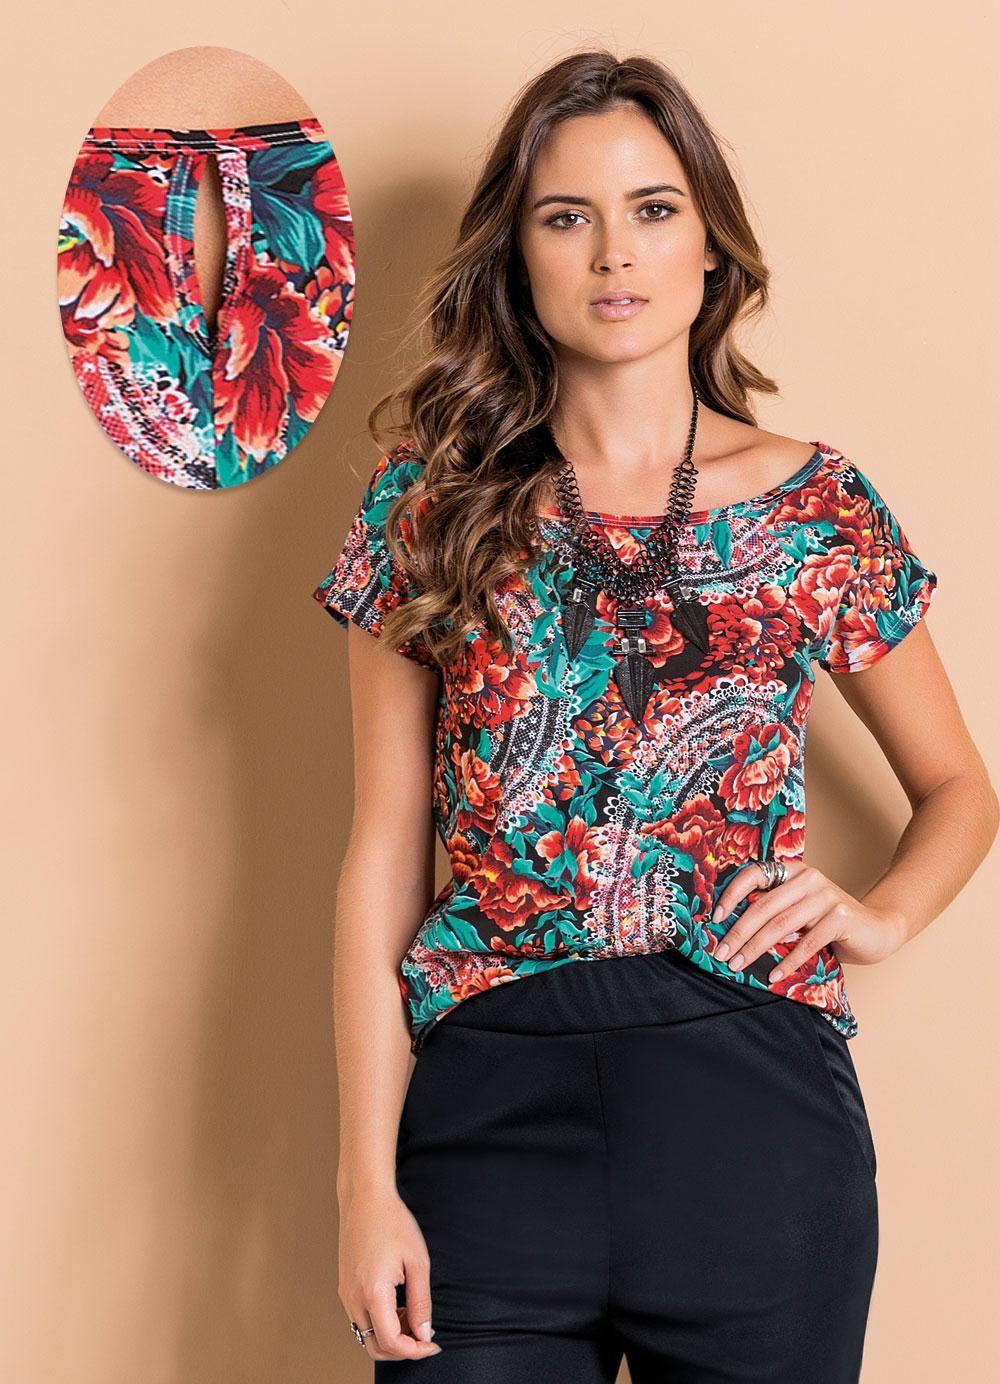 32e131edfe Blusa Decote Canoa Floral com Detalhe em Gota - Moda Pop